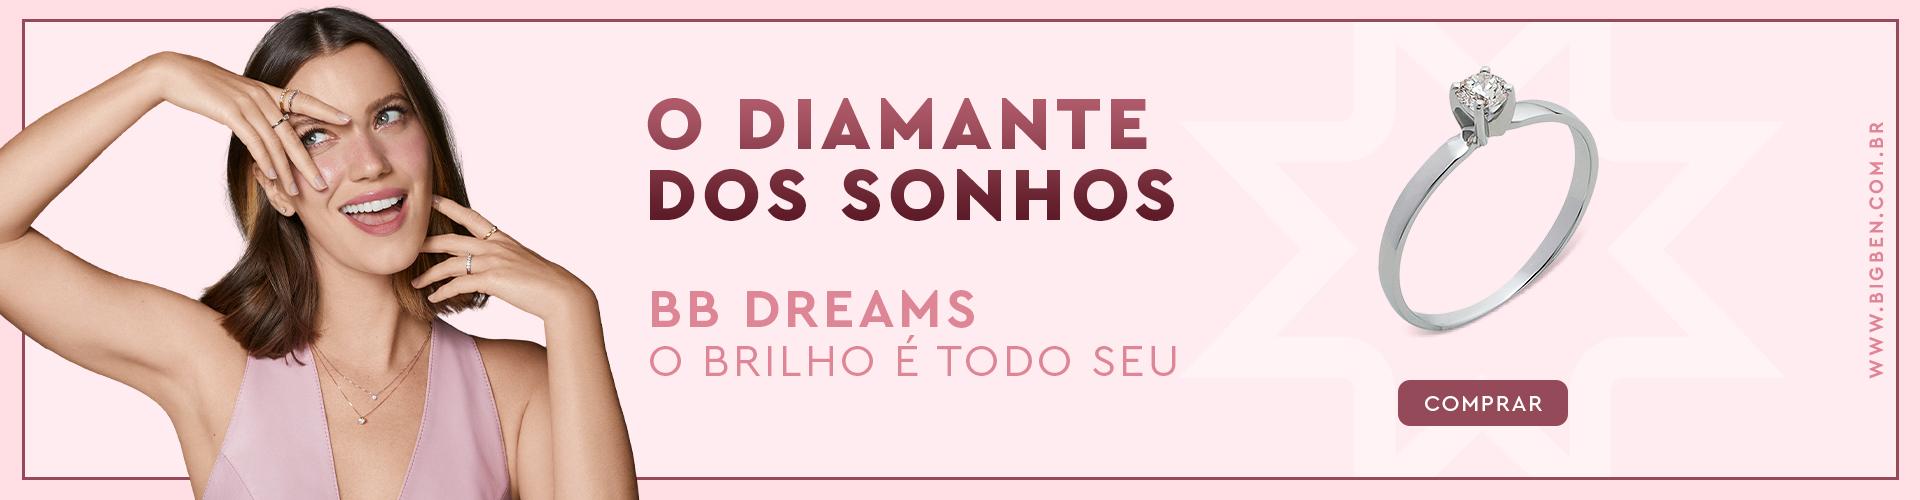 BB Dreams